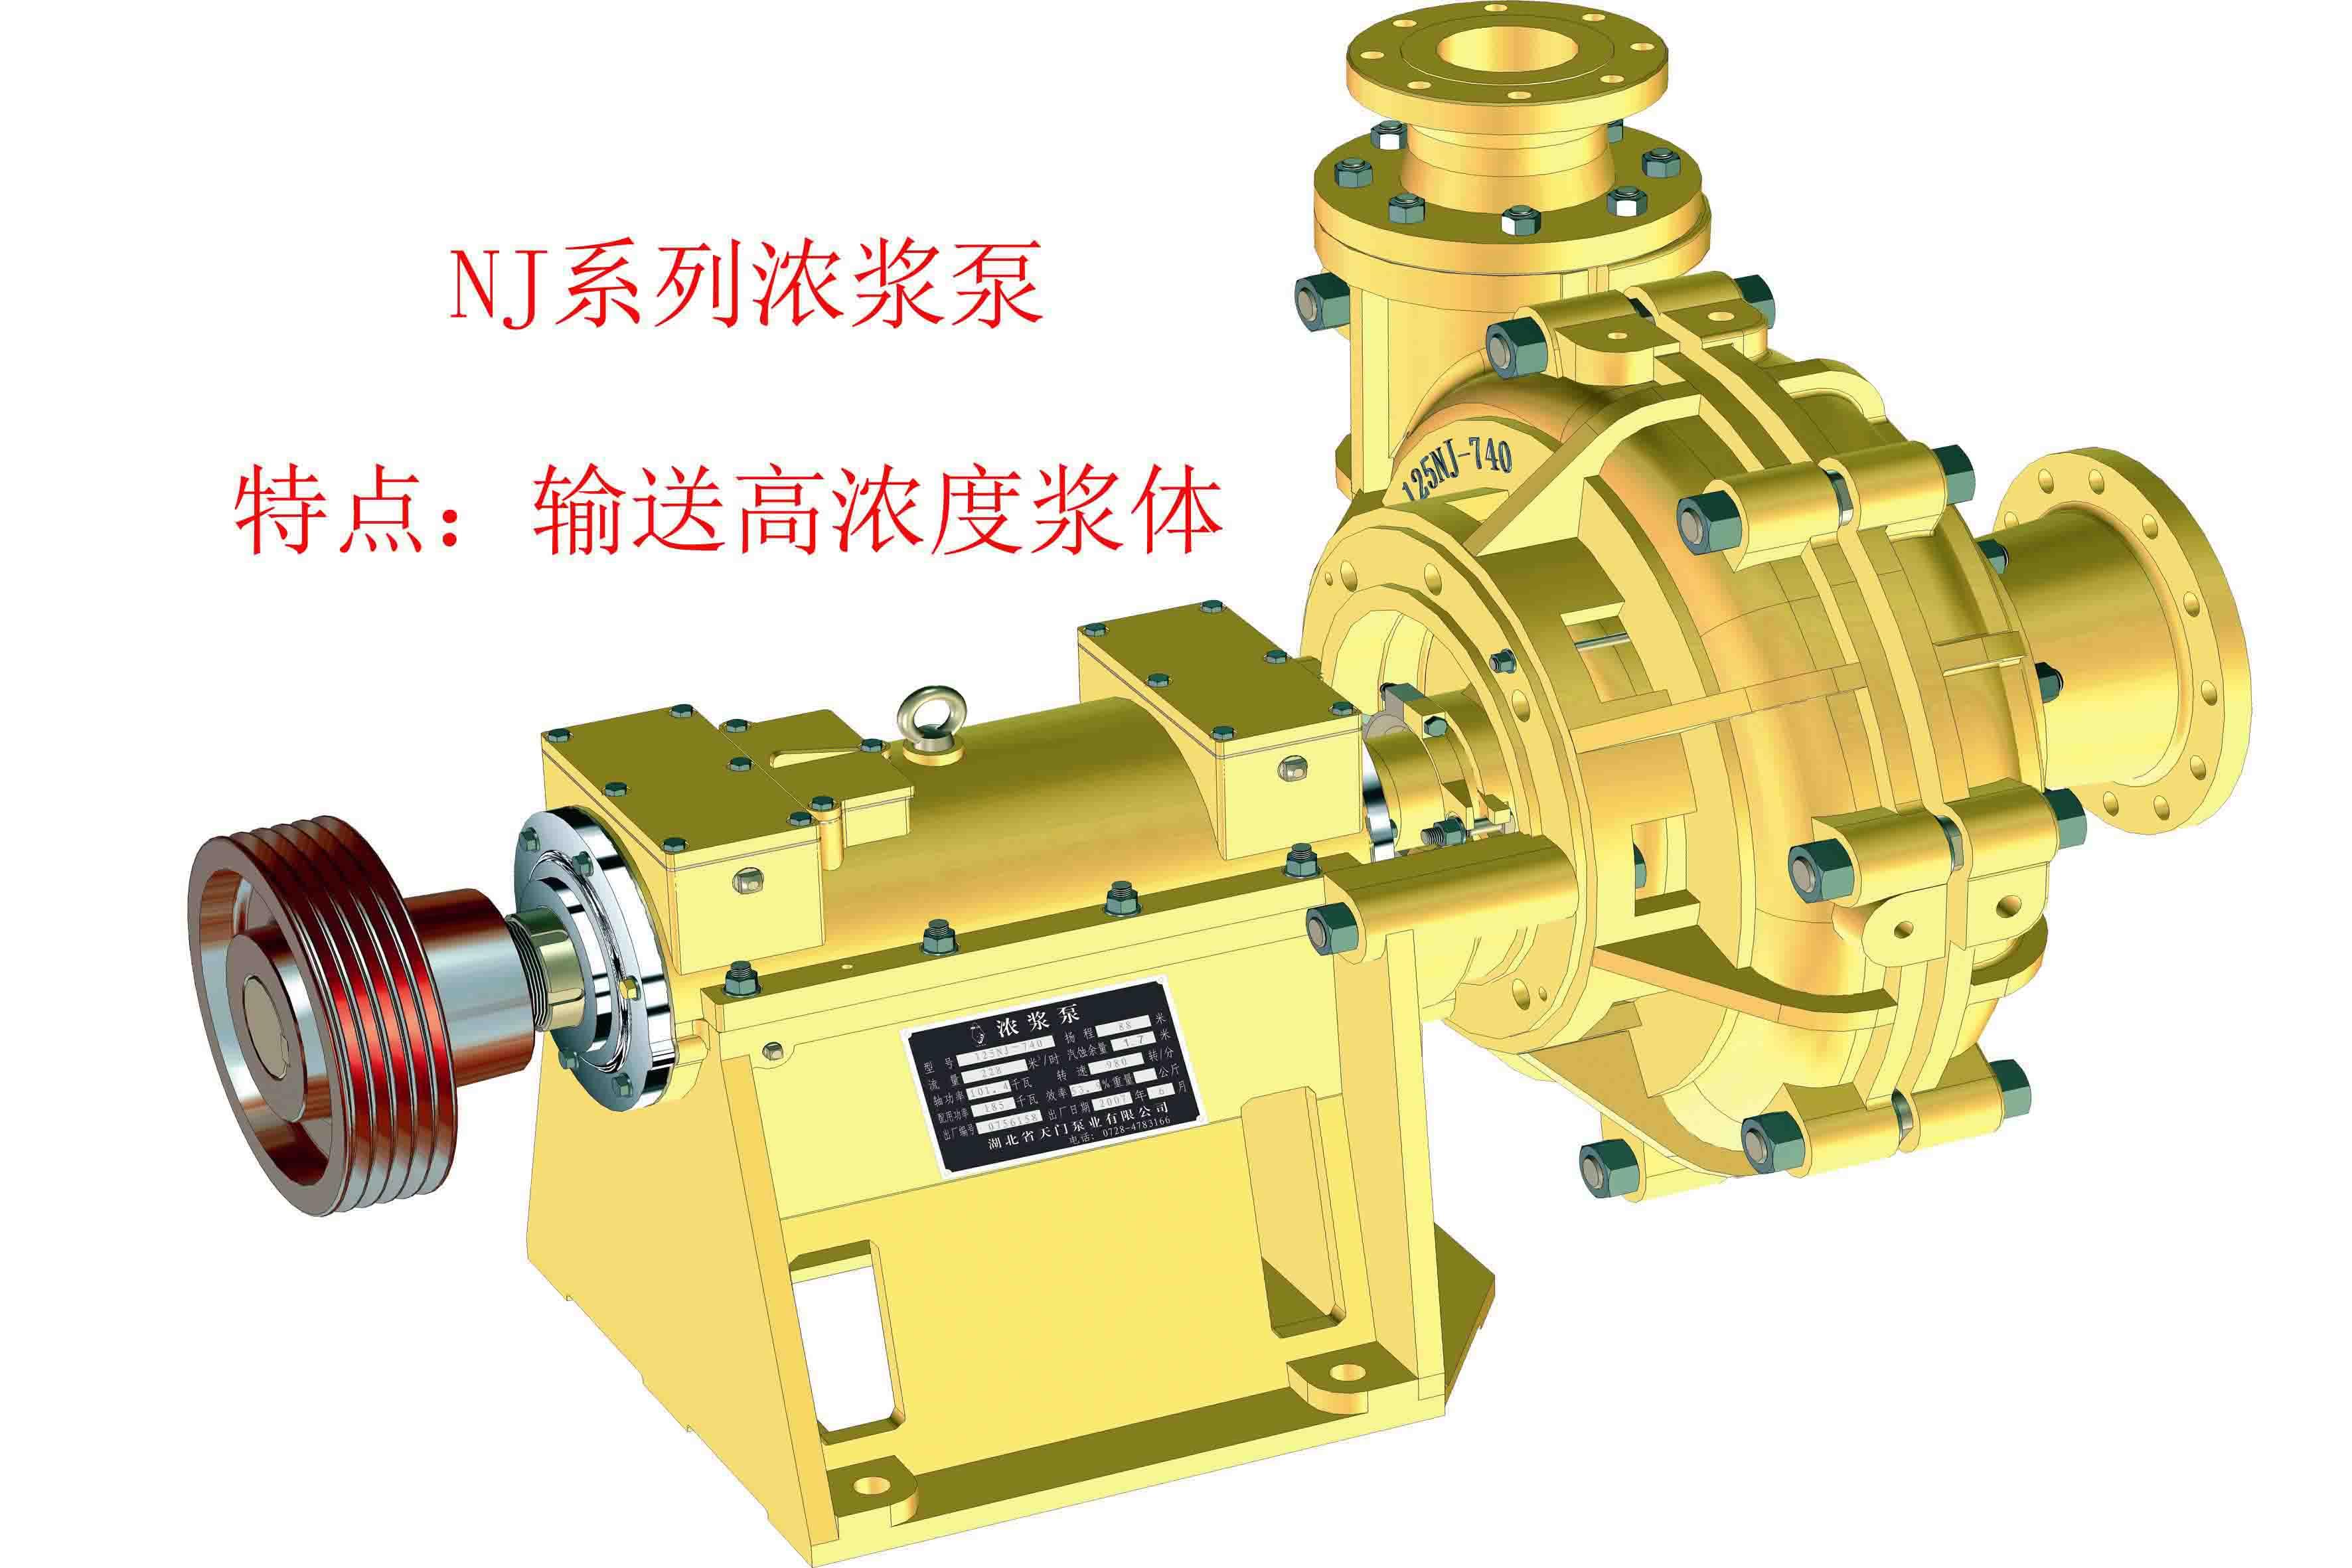 泵的汽蚀现象以及其产生原因